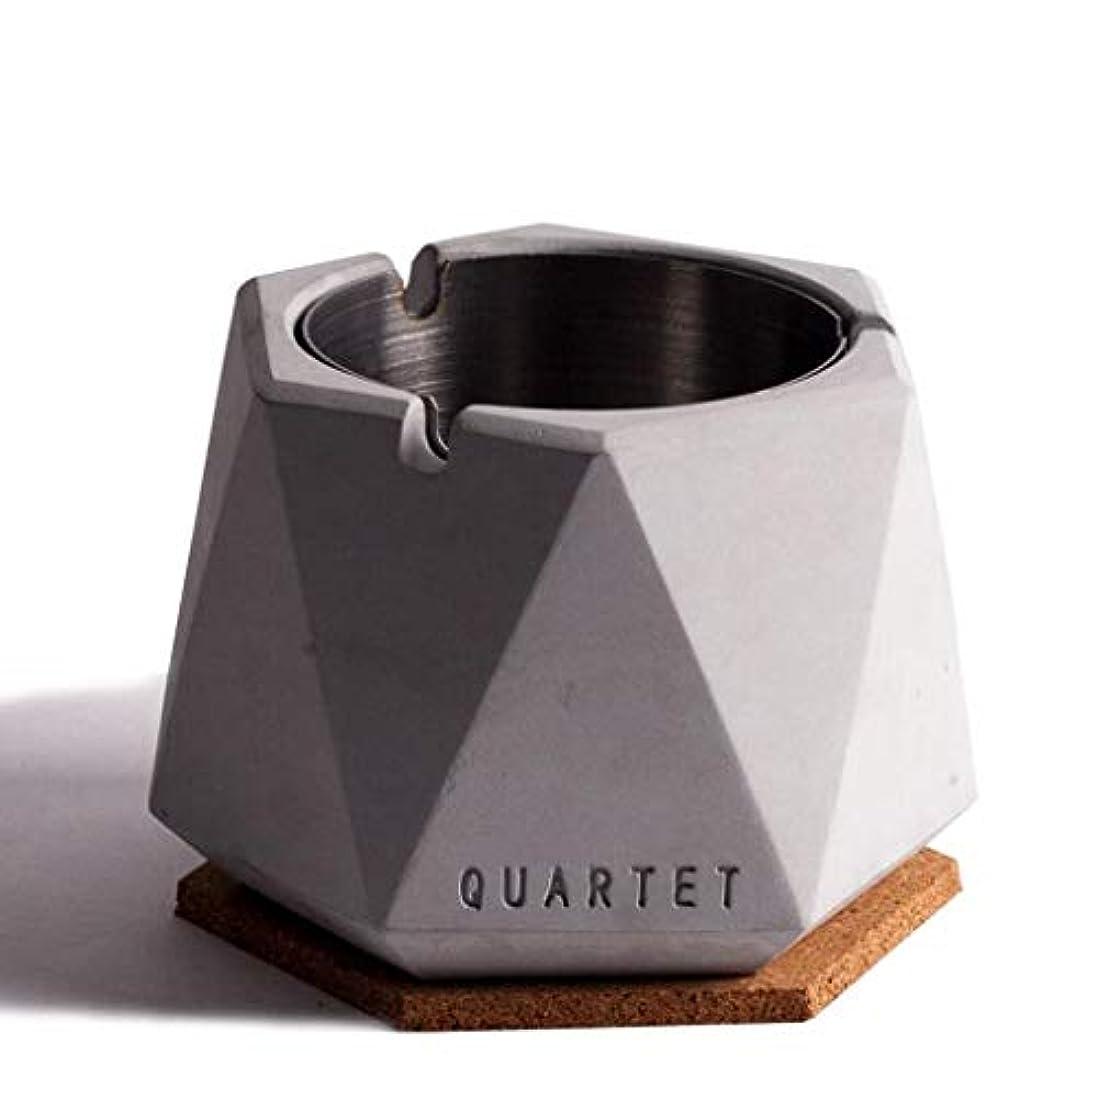 靴化学啓発する北欧シンプル風ステンレス鋼セメント灰皿人格クリエイティブホテルインターネットカフェバー北欧産業風ふた付き灰皿 QYSZYG (Color : C)